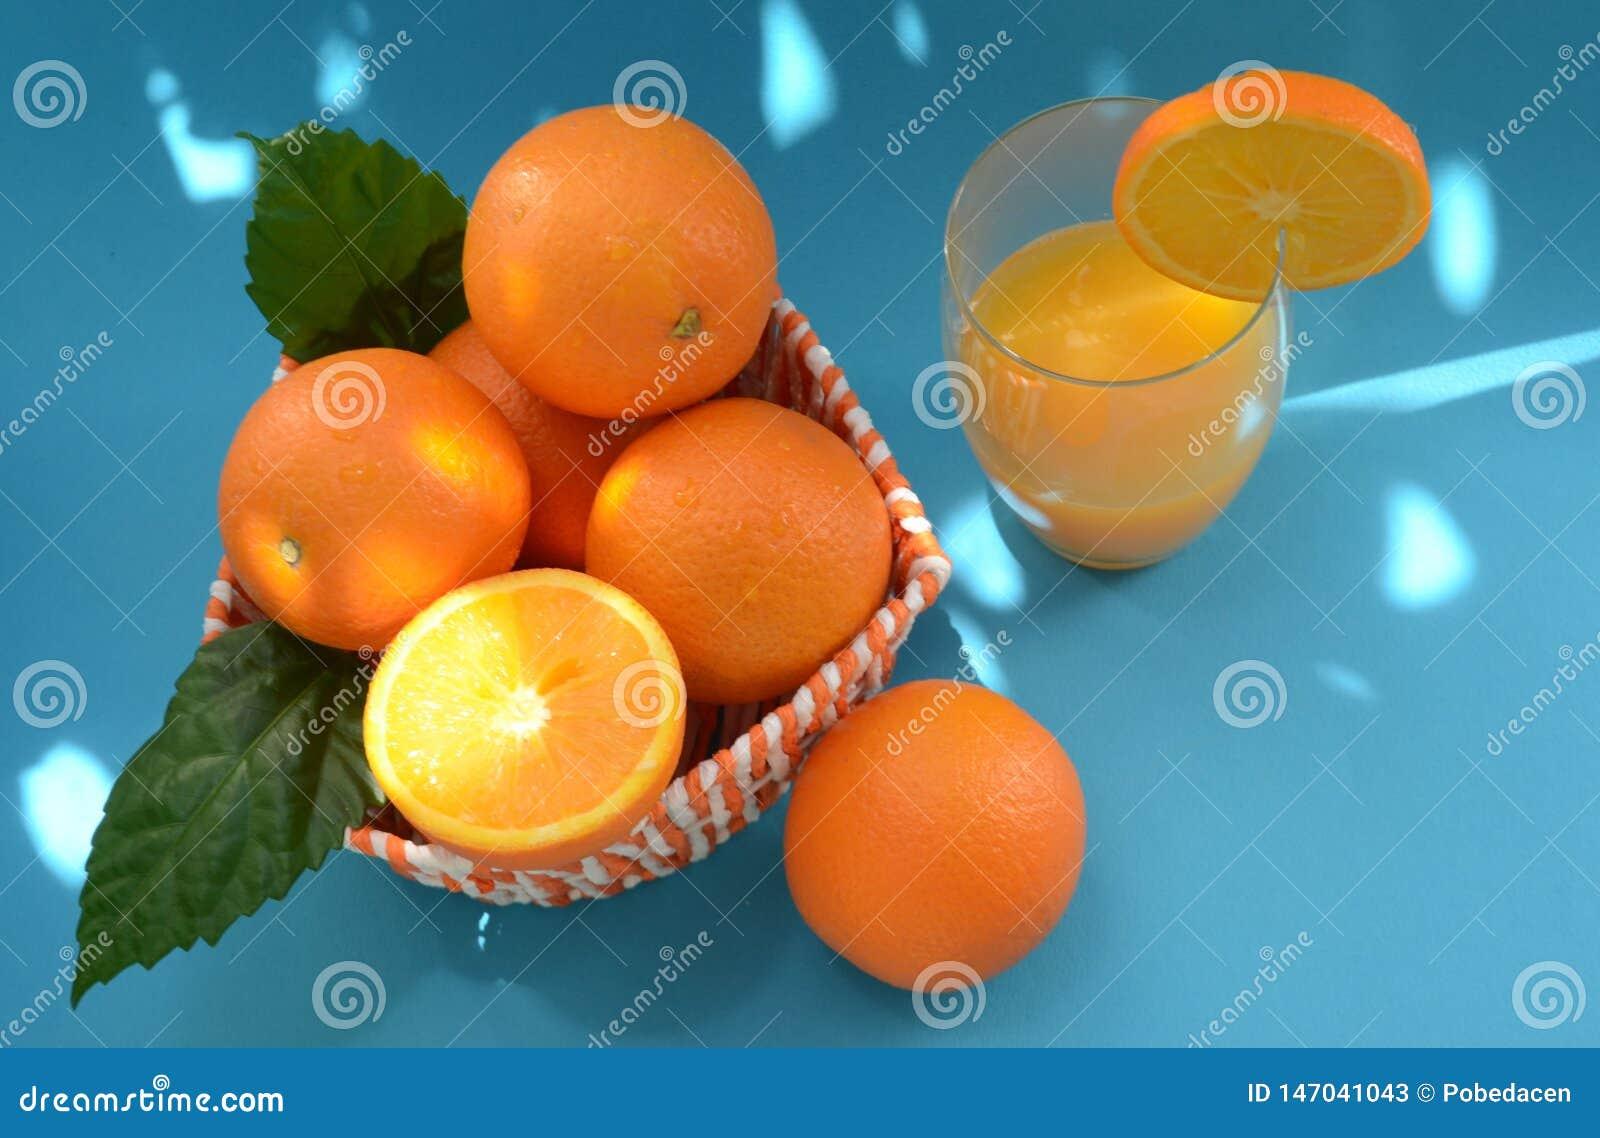 Naranjas y zumo de naranja recientemente exprimido en un fondo azul con puntos culminantes brillantes del sol